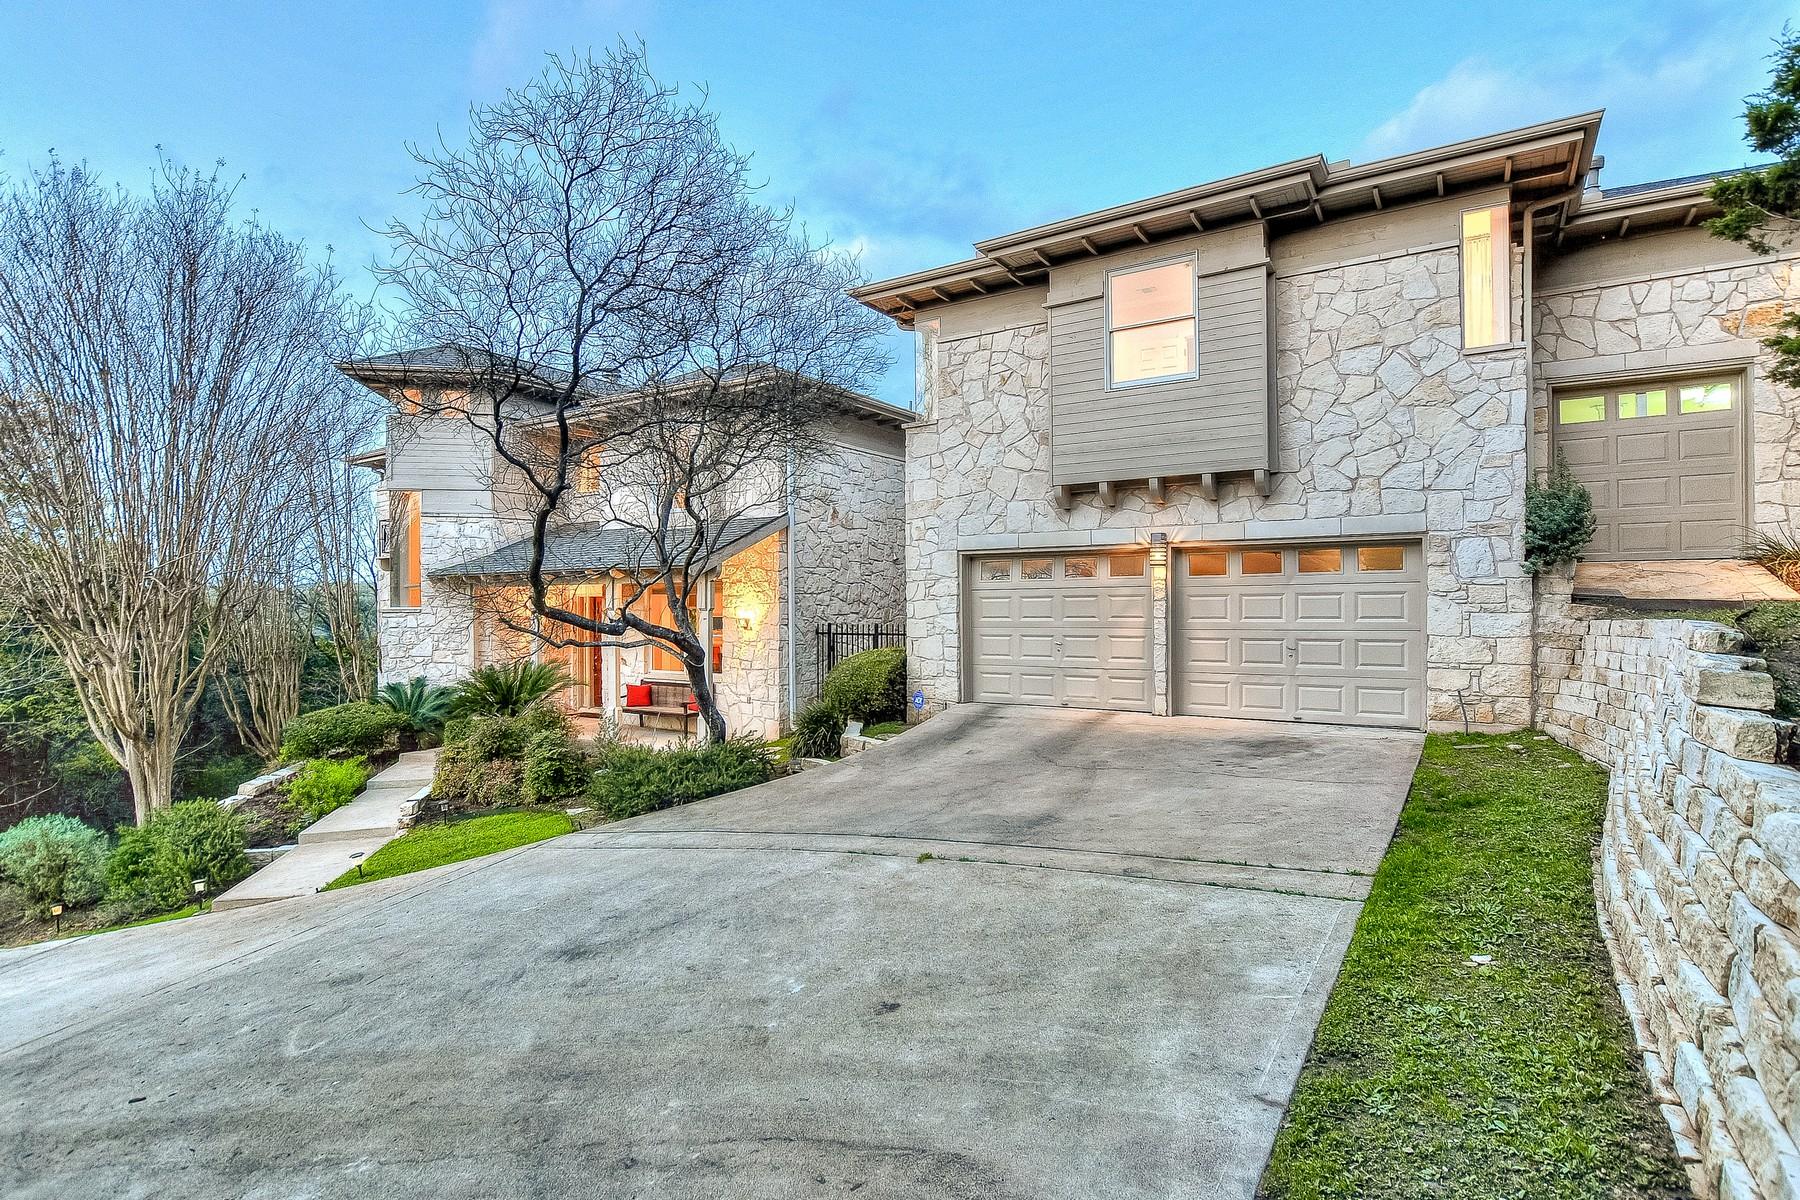 Einfamilienhaus für Verkauf beim High on a Hill with Incredible Views 115 Swiftcurrent Trl Westlake, Texas, 78746 Vereinigte Staaten